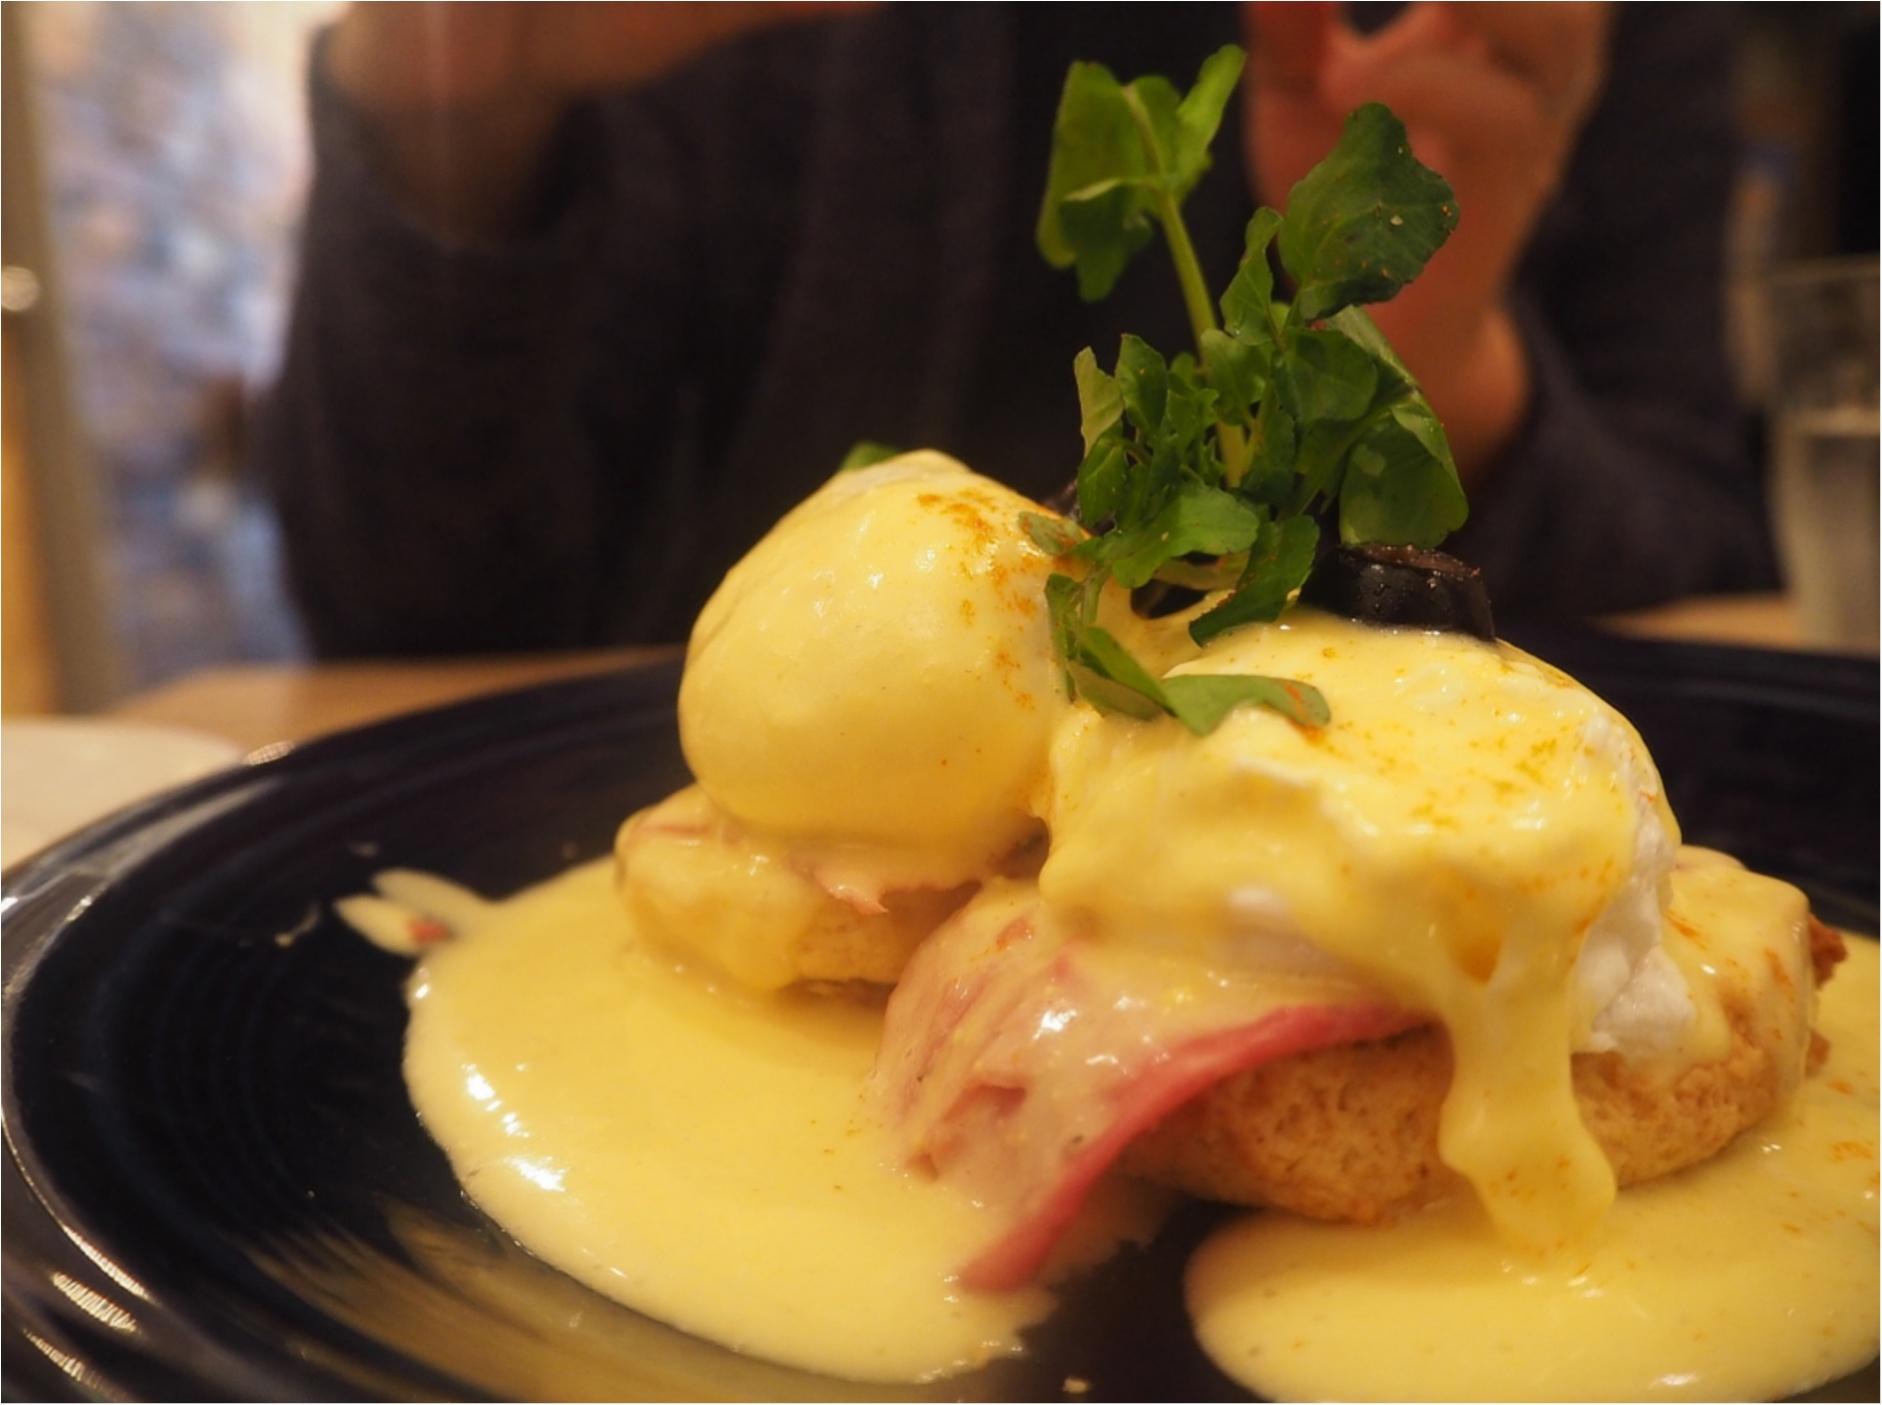 早く起きた朝は「burnsidestcafe (バーンサイドストリートカフェ)」でパンケーキがオススメ!_4